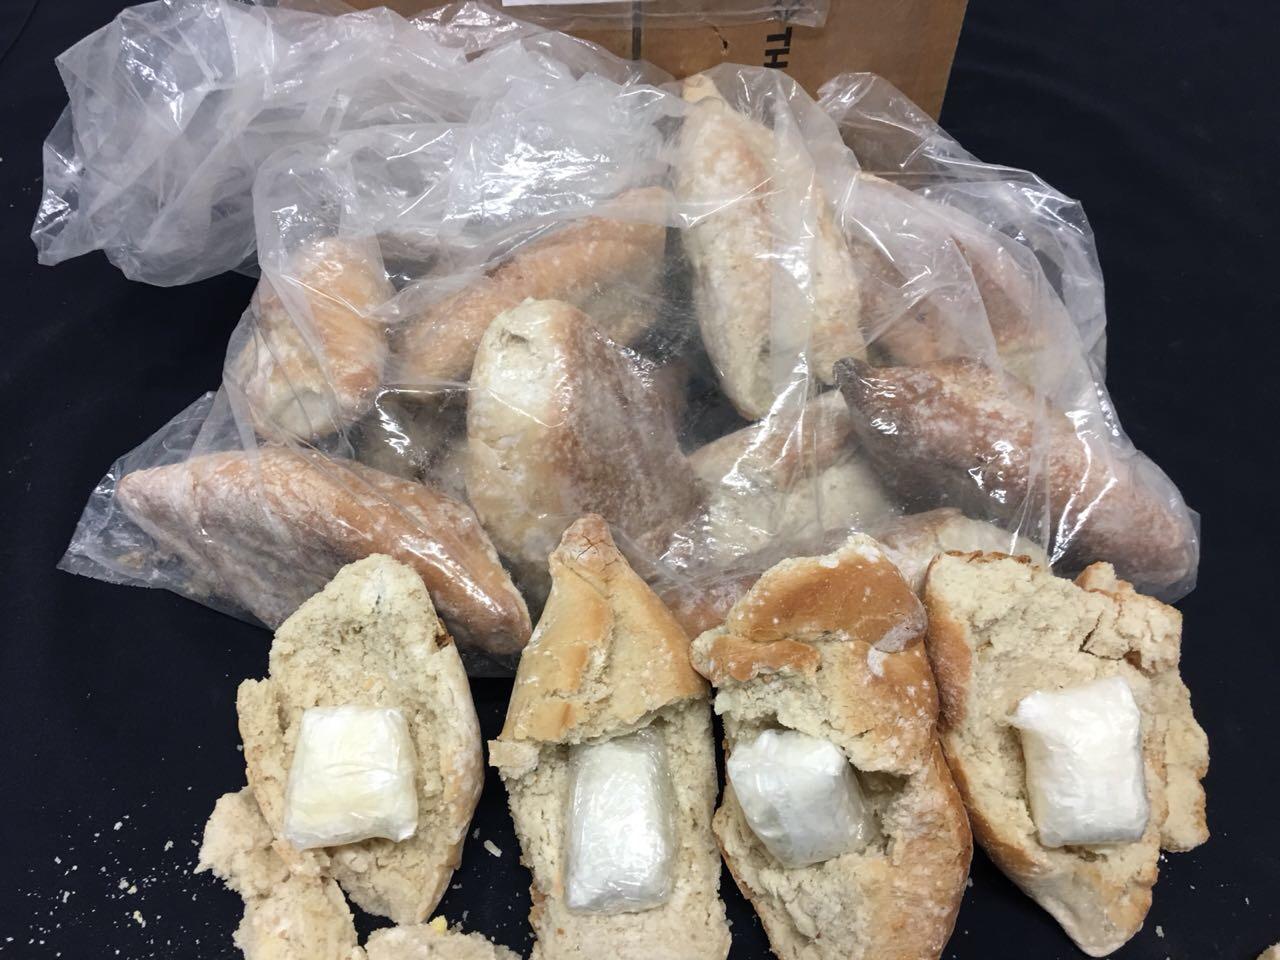 Localizan cocaína en tortas ahogadas en Jalisco. – NOTICIAS RAPIDAS 543382288e96